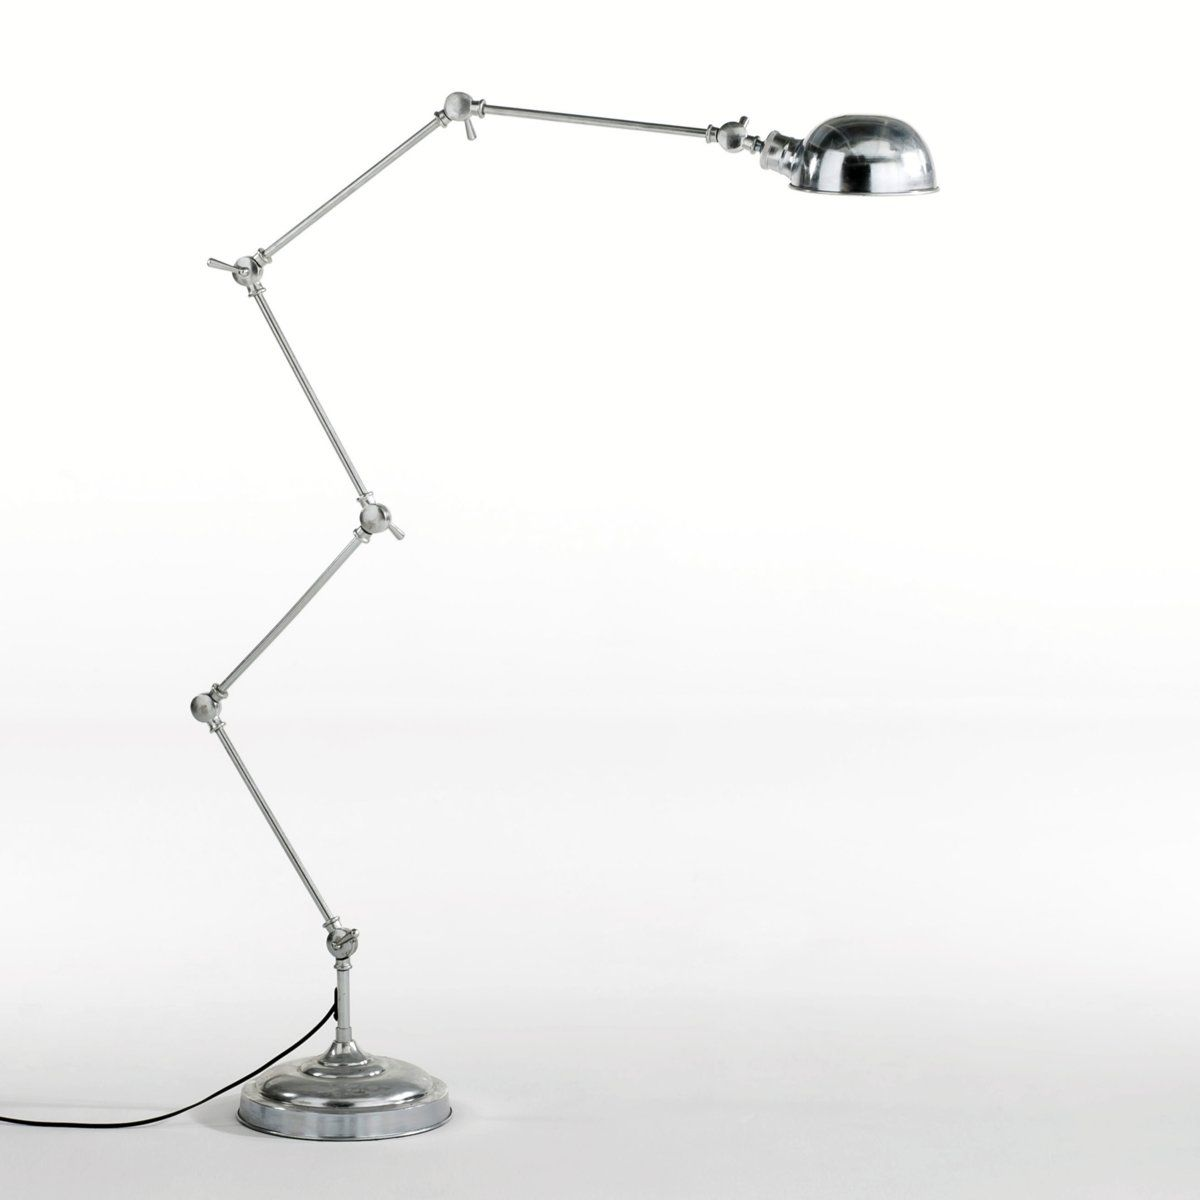 Pied De Lampe Am Pm lampadaire articulé tornade, am.pm   deco   lampadaire